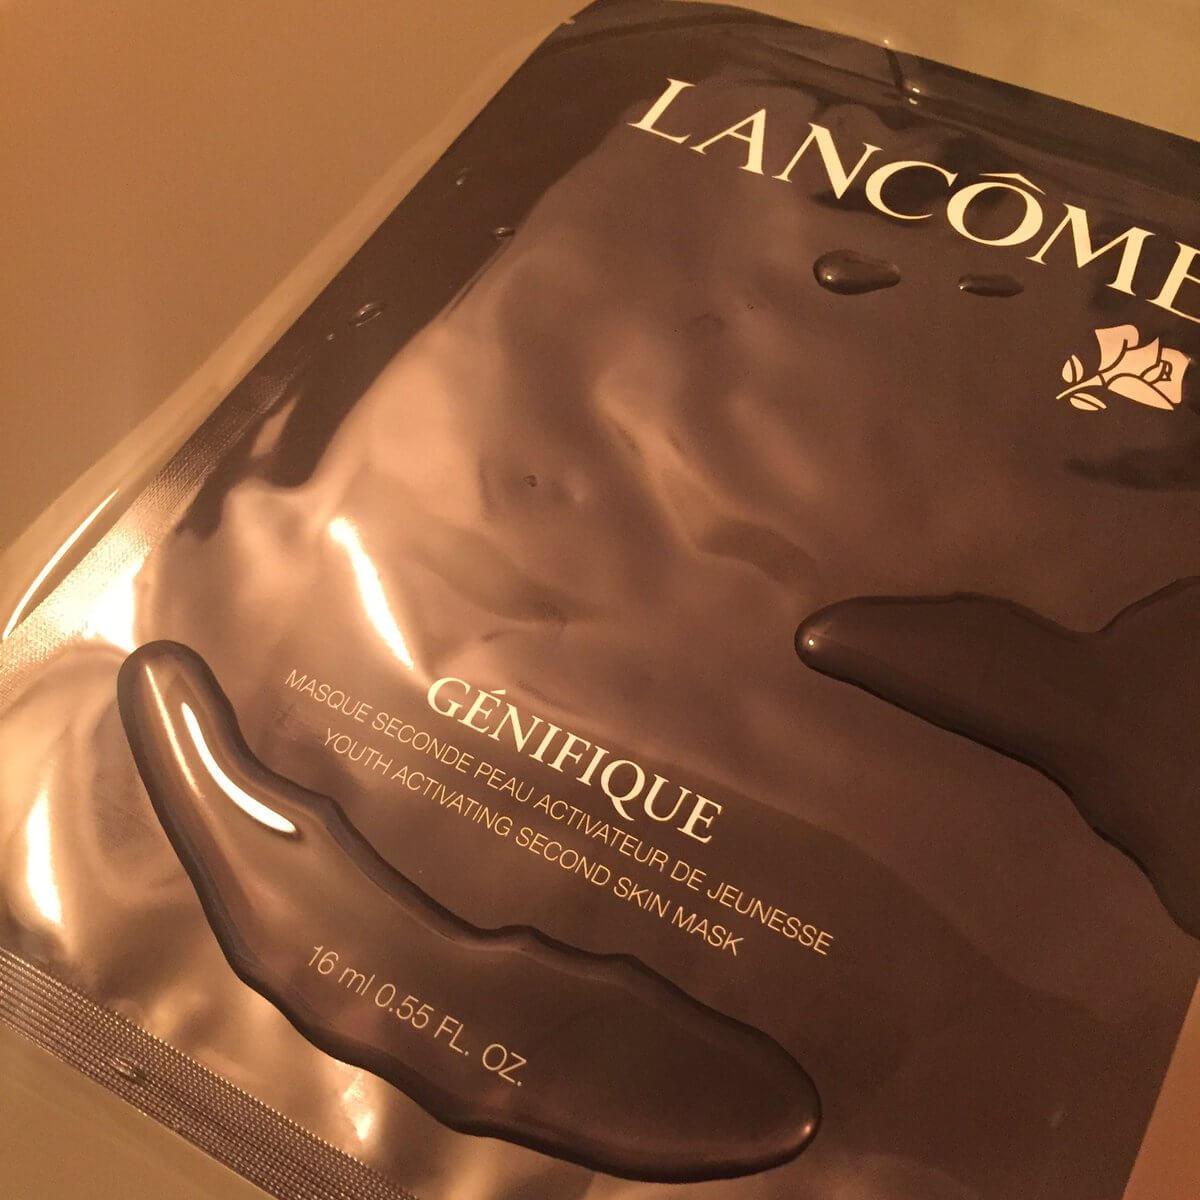 ■大切な日に備えて必ず使いたい、ランコムのジェニフィックマスク